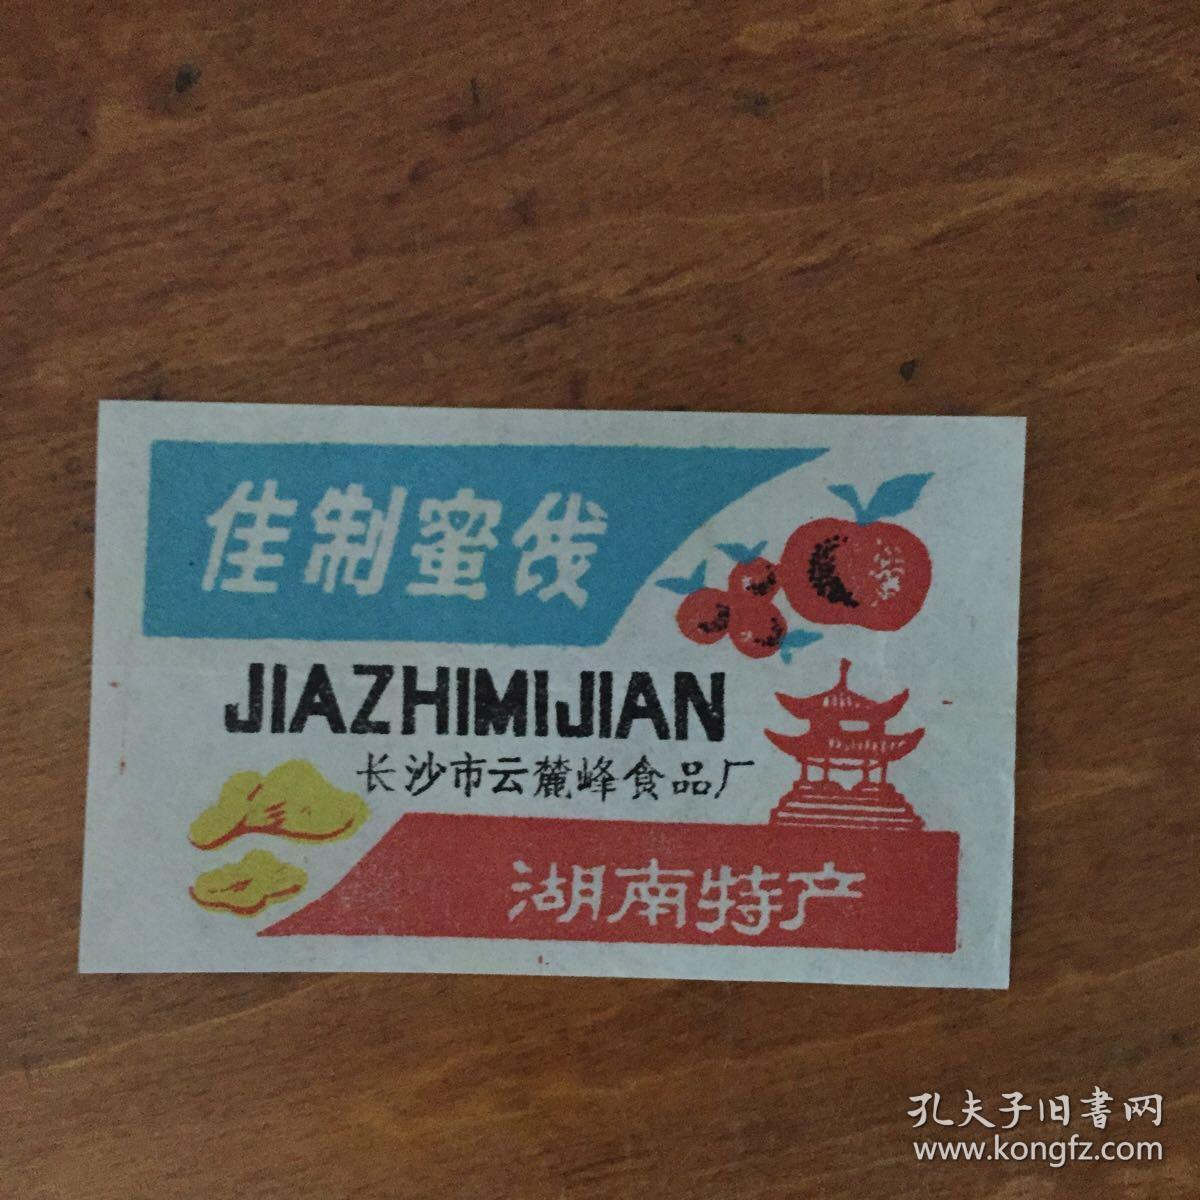 老商标:佳制蜜饯湖南特产